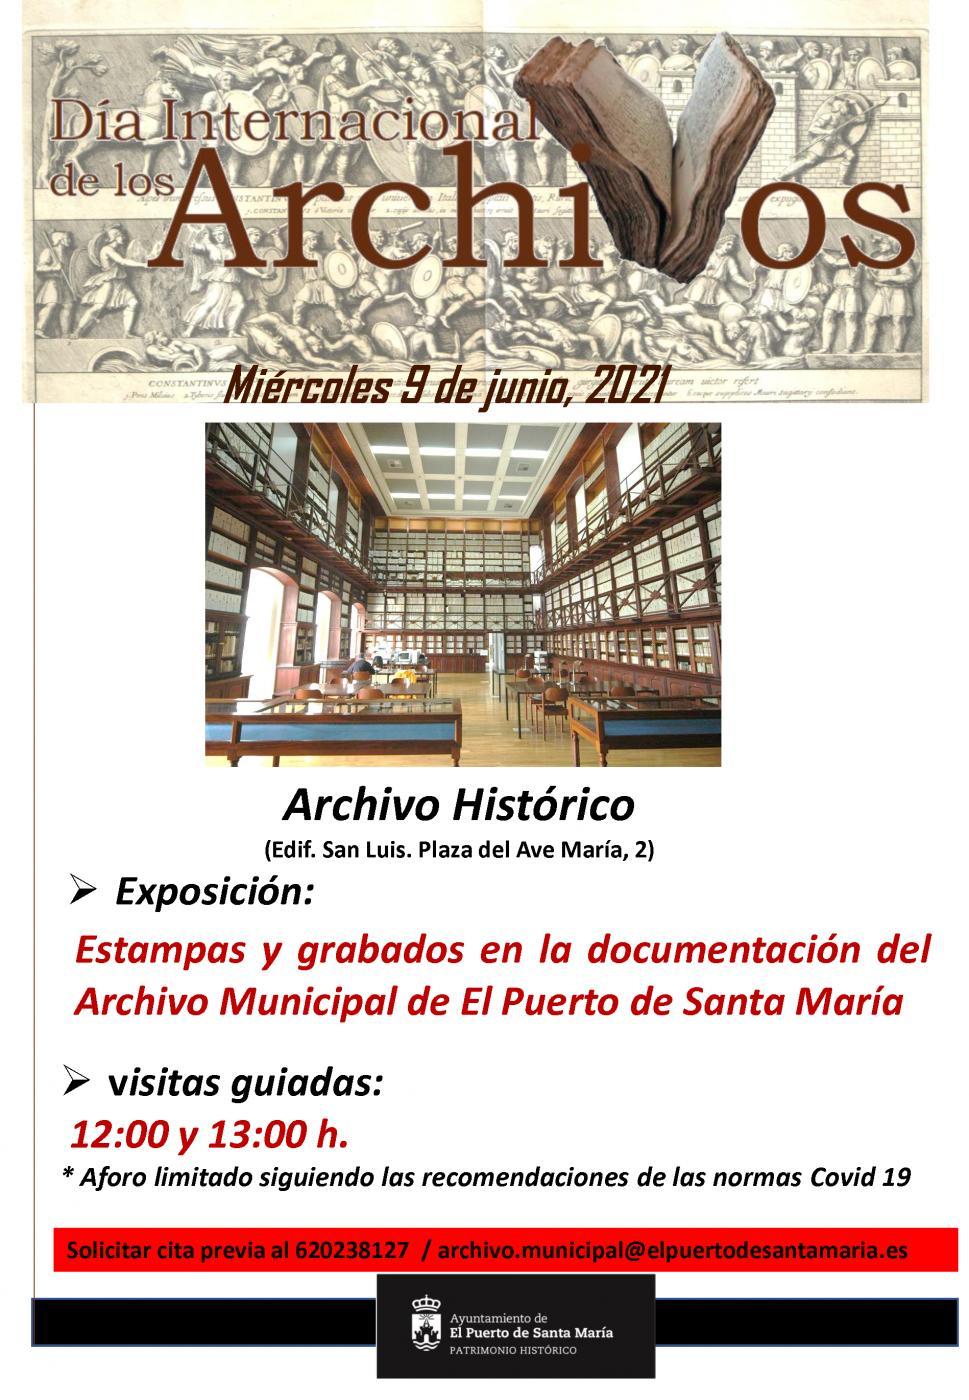 CARTEL DÍA INTERNACIONAL DE LOS ARCHIVOS.